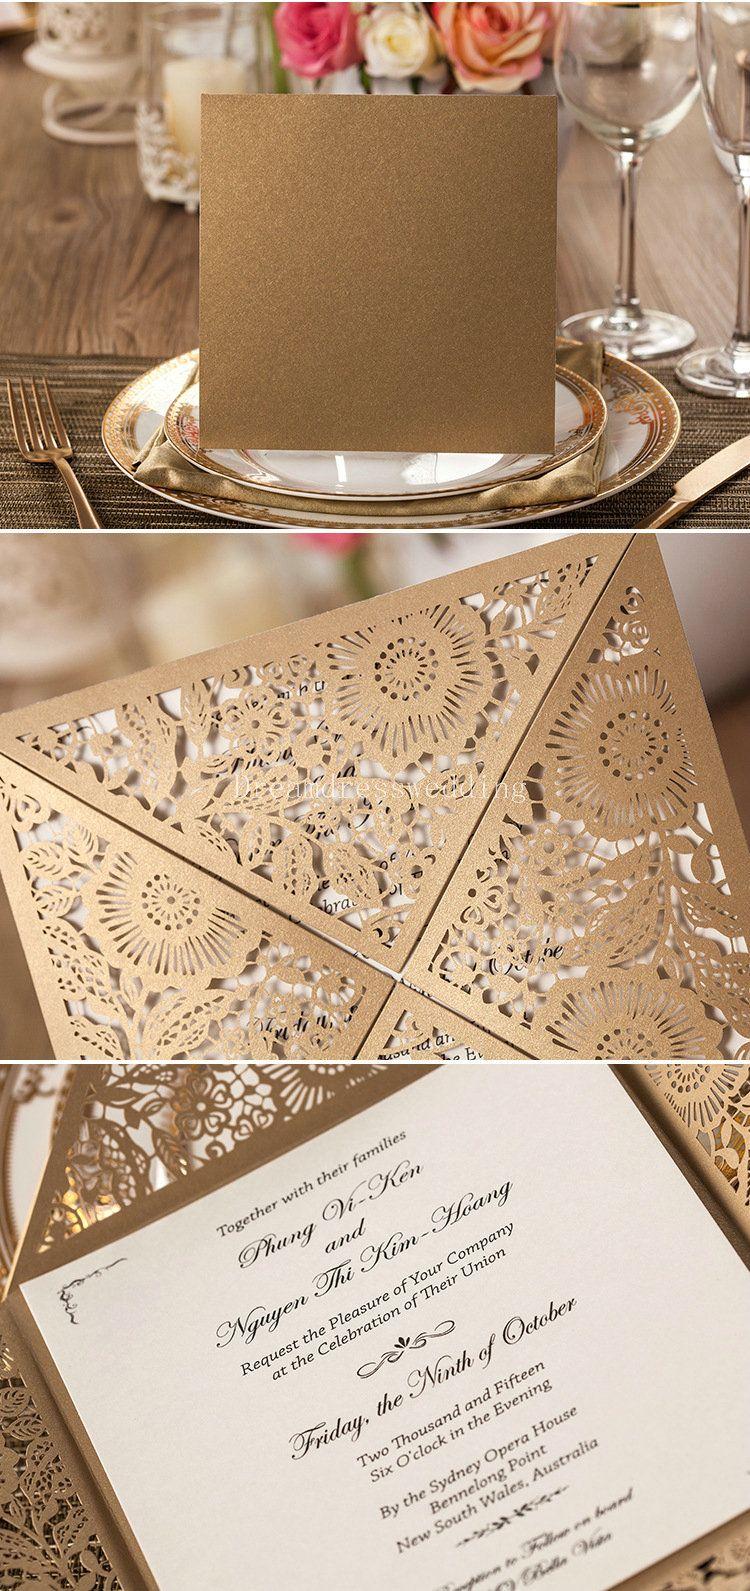 Fast Shipping Wedding Invitations Card Rustic Laser Cut Wedding ...